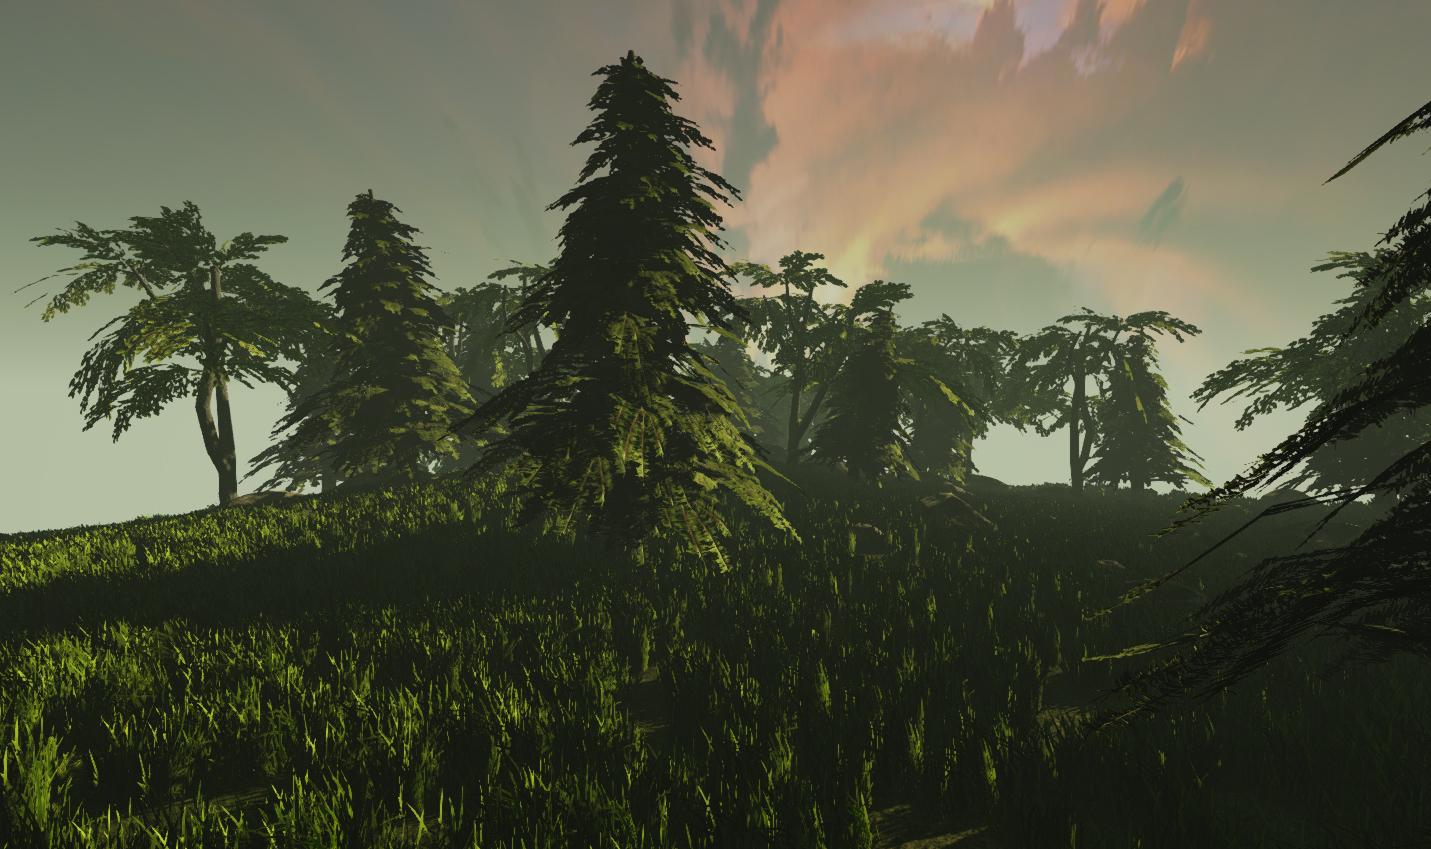 UDK Foliage